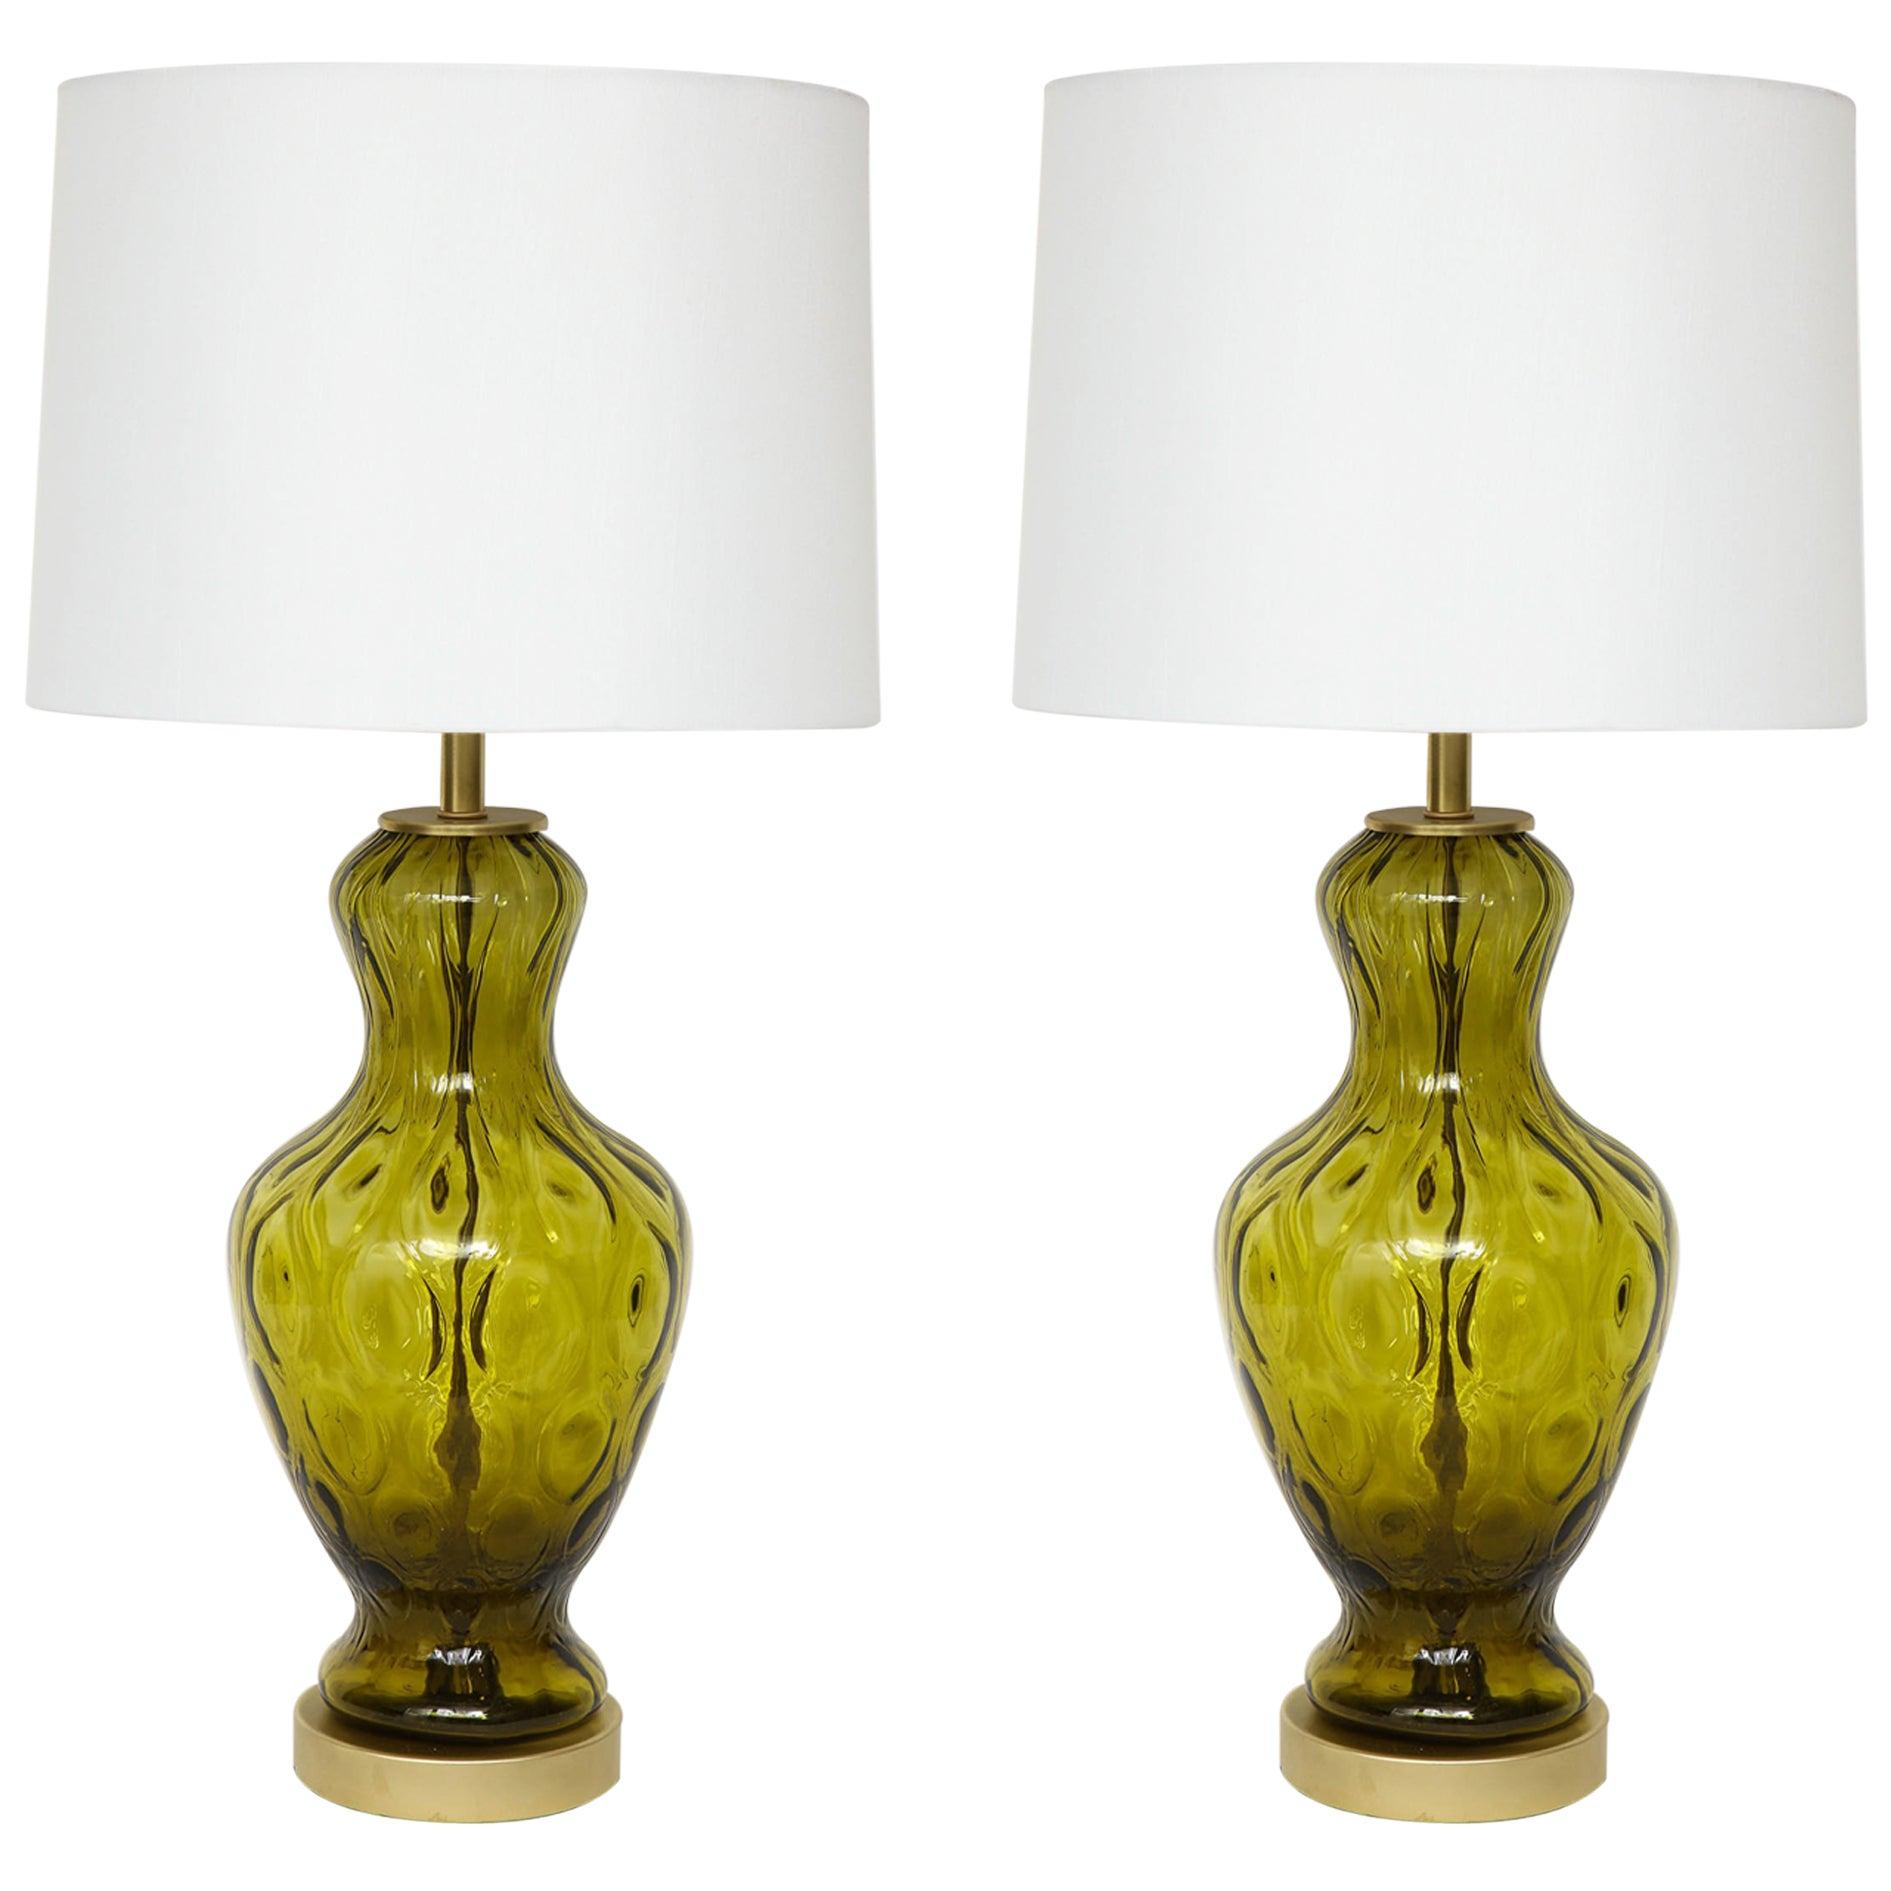 Blenko Moss Green Glass Lamps